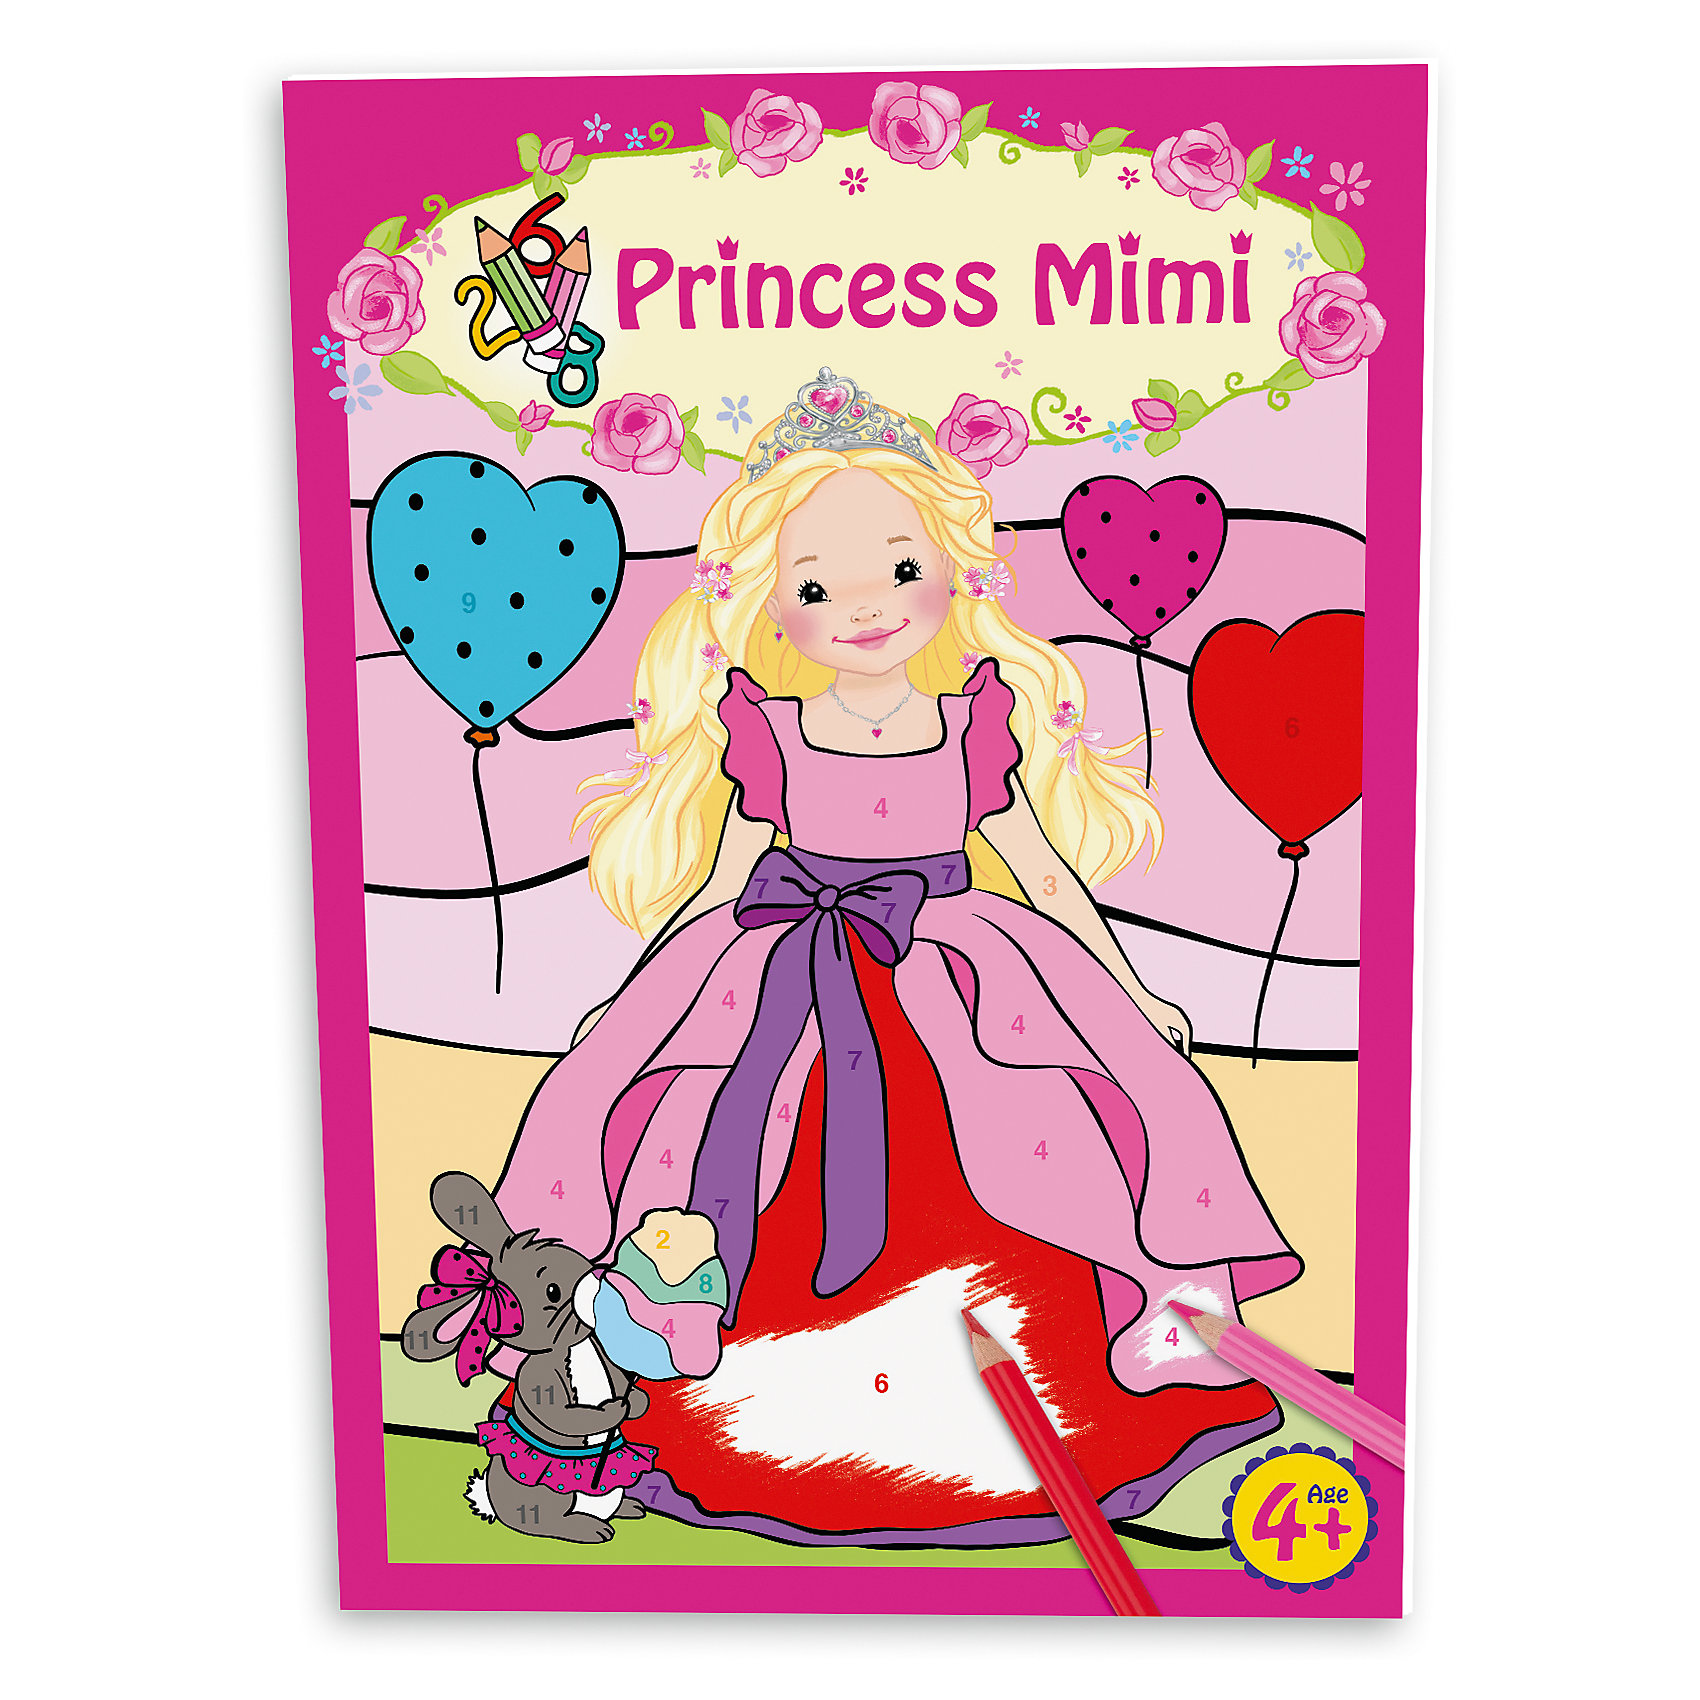 Раскраска по номерам, My Style PrincessРаскраски по номерам<br>Раскраска по номерам, My Style Princess<br><br>Характеристики:<br><br>• В комплекте: раскраска, 1 лист с наклейками<br>• Возраст: от 3 до 6 лет<br>• Количество страниц: 24<br><br>В этом альбоме представлены контуры для раскрашивания по номерам. Рисунки с крупными деталями специально для того, чтобы ребенок мог учиться аккуратно рисовать, не заходя за контур. В раскраске 24 страницы и 1 лист с наклейками, которые смогут разнообразить картинку. Раскраска предназначена для детей от 3 до 6 лет.<br><br>Раскраска по номерам, My Style Princess можно купить в нашем интернет-магазине.<br><br>Ширина мм: 295<br>Глубина мм: 210<br>Высота мм: 5<br>Вес г: 165<br>Возраст от месяцев: 60<br>Возраст до месяцев: 108<br>Пол: Женский<br>Возраст: Детский<br>SKU: 4200183